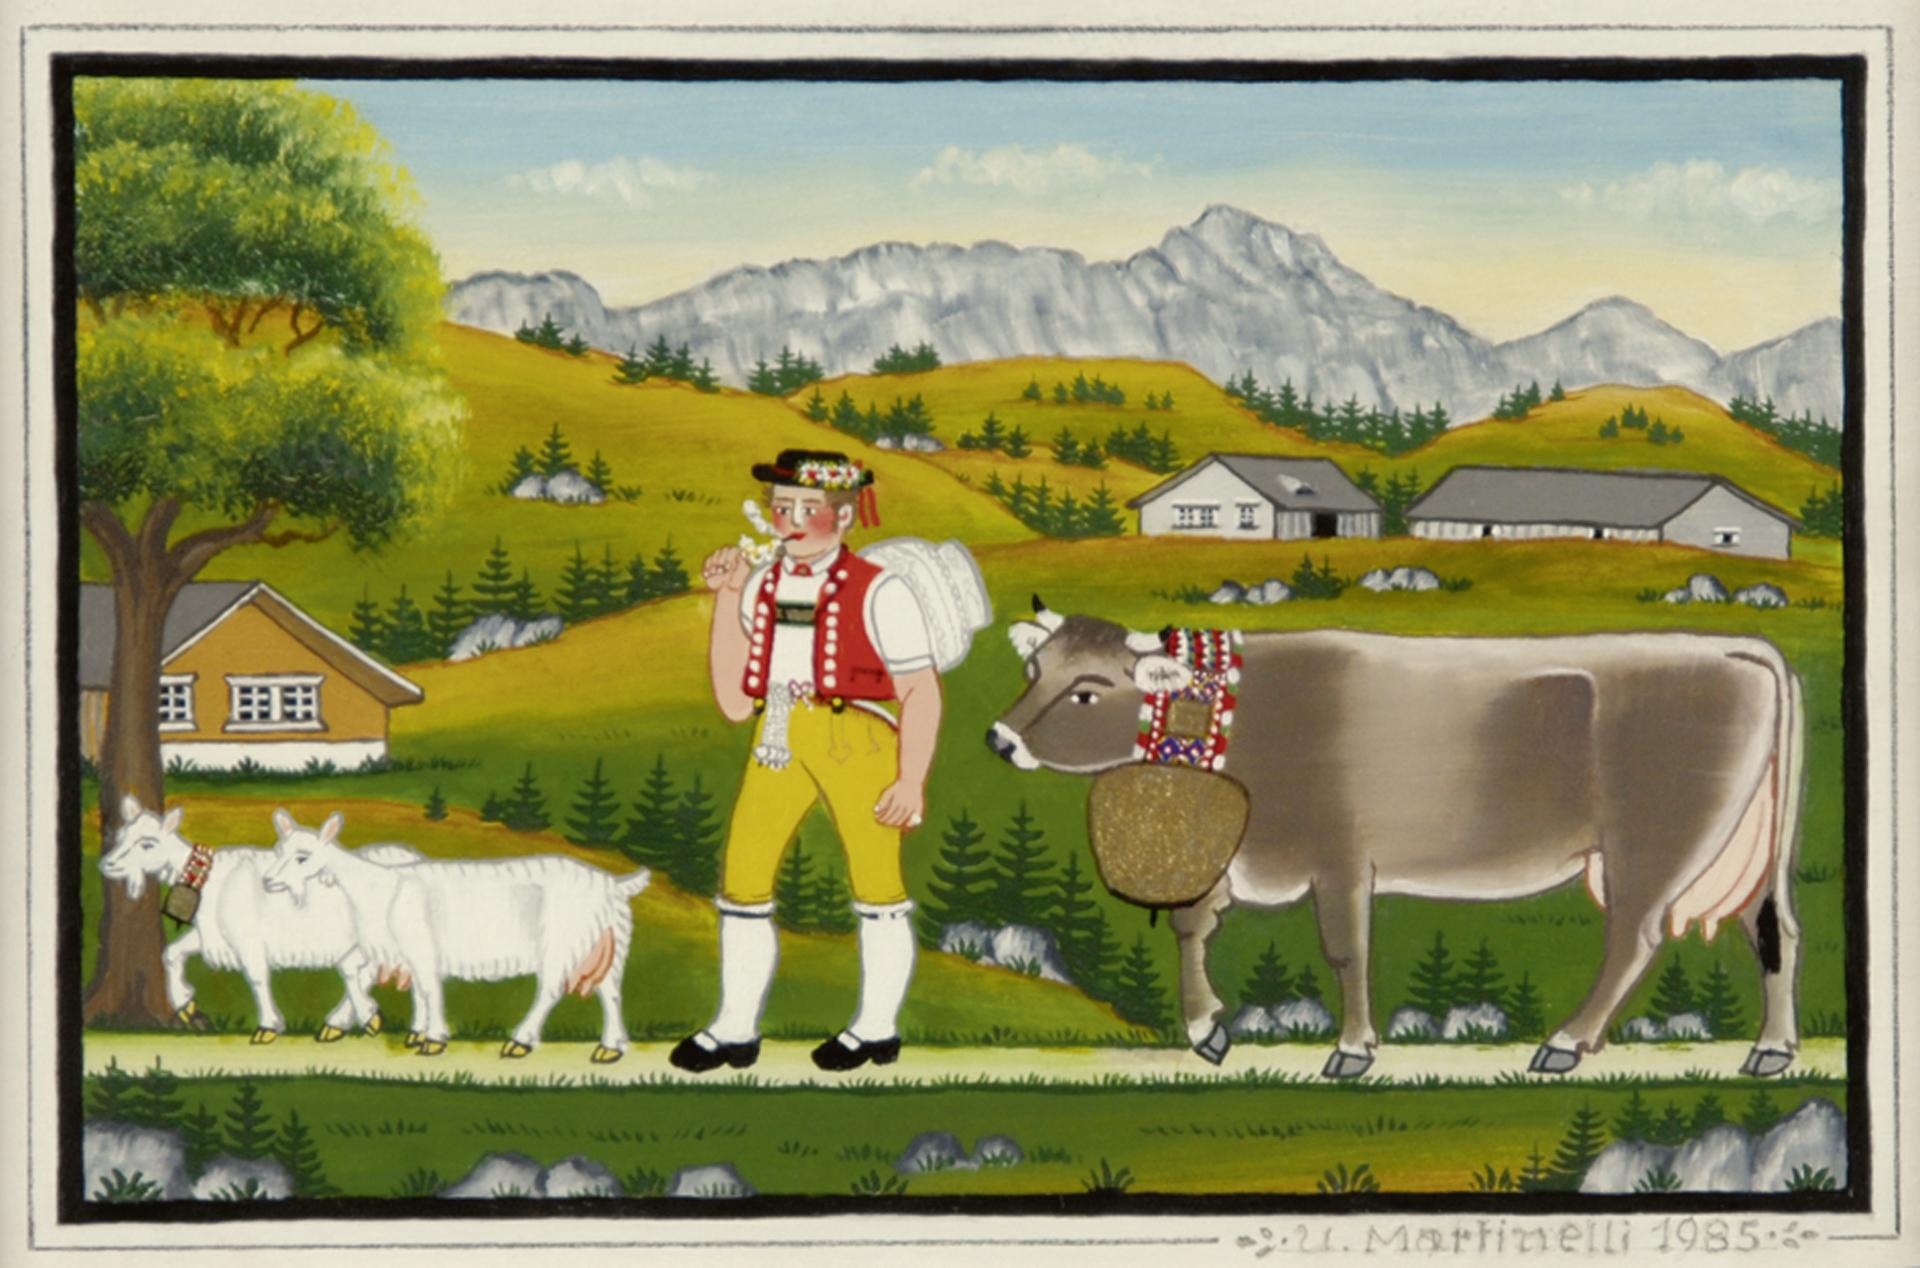 Martinelli Ulrich, Senn mit zwei Ziegen und Kuh vor Berglandschaft